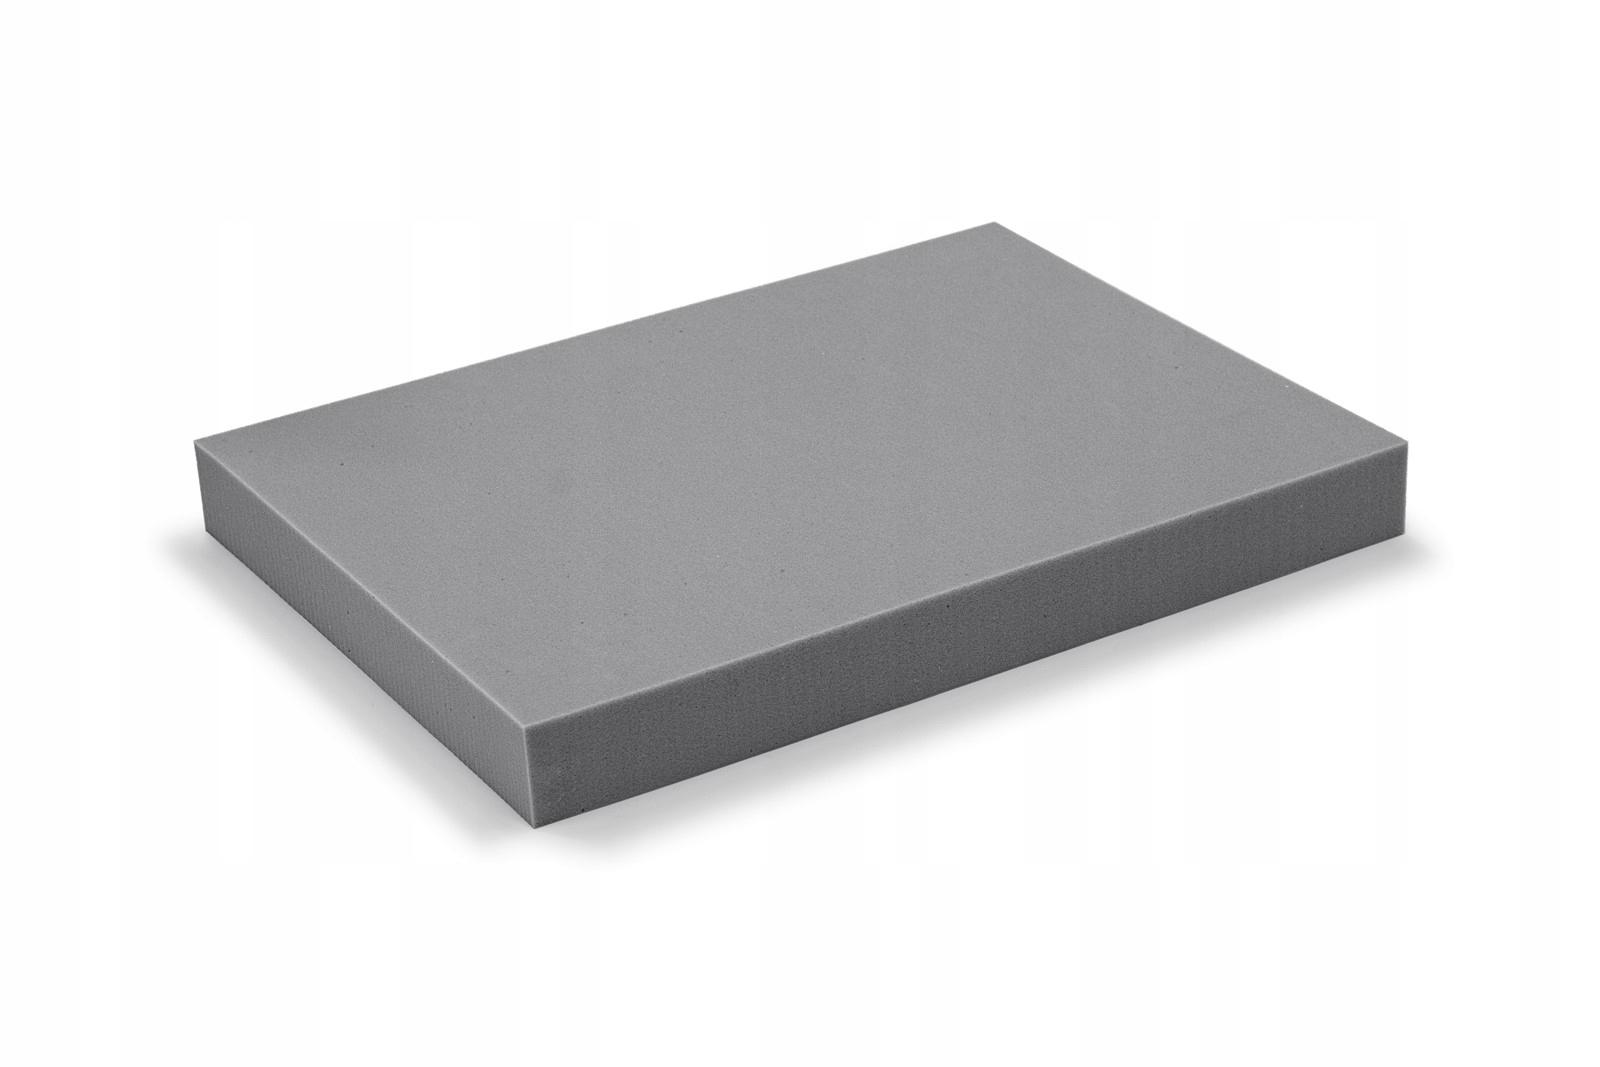 Мебельная губка, обивочная пена T 31-80x120x5cm